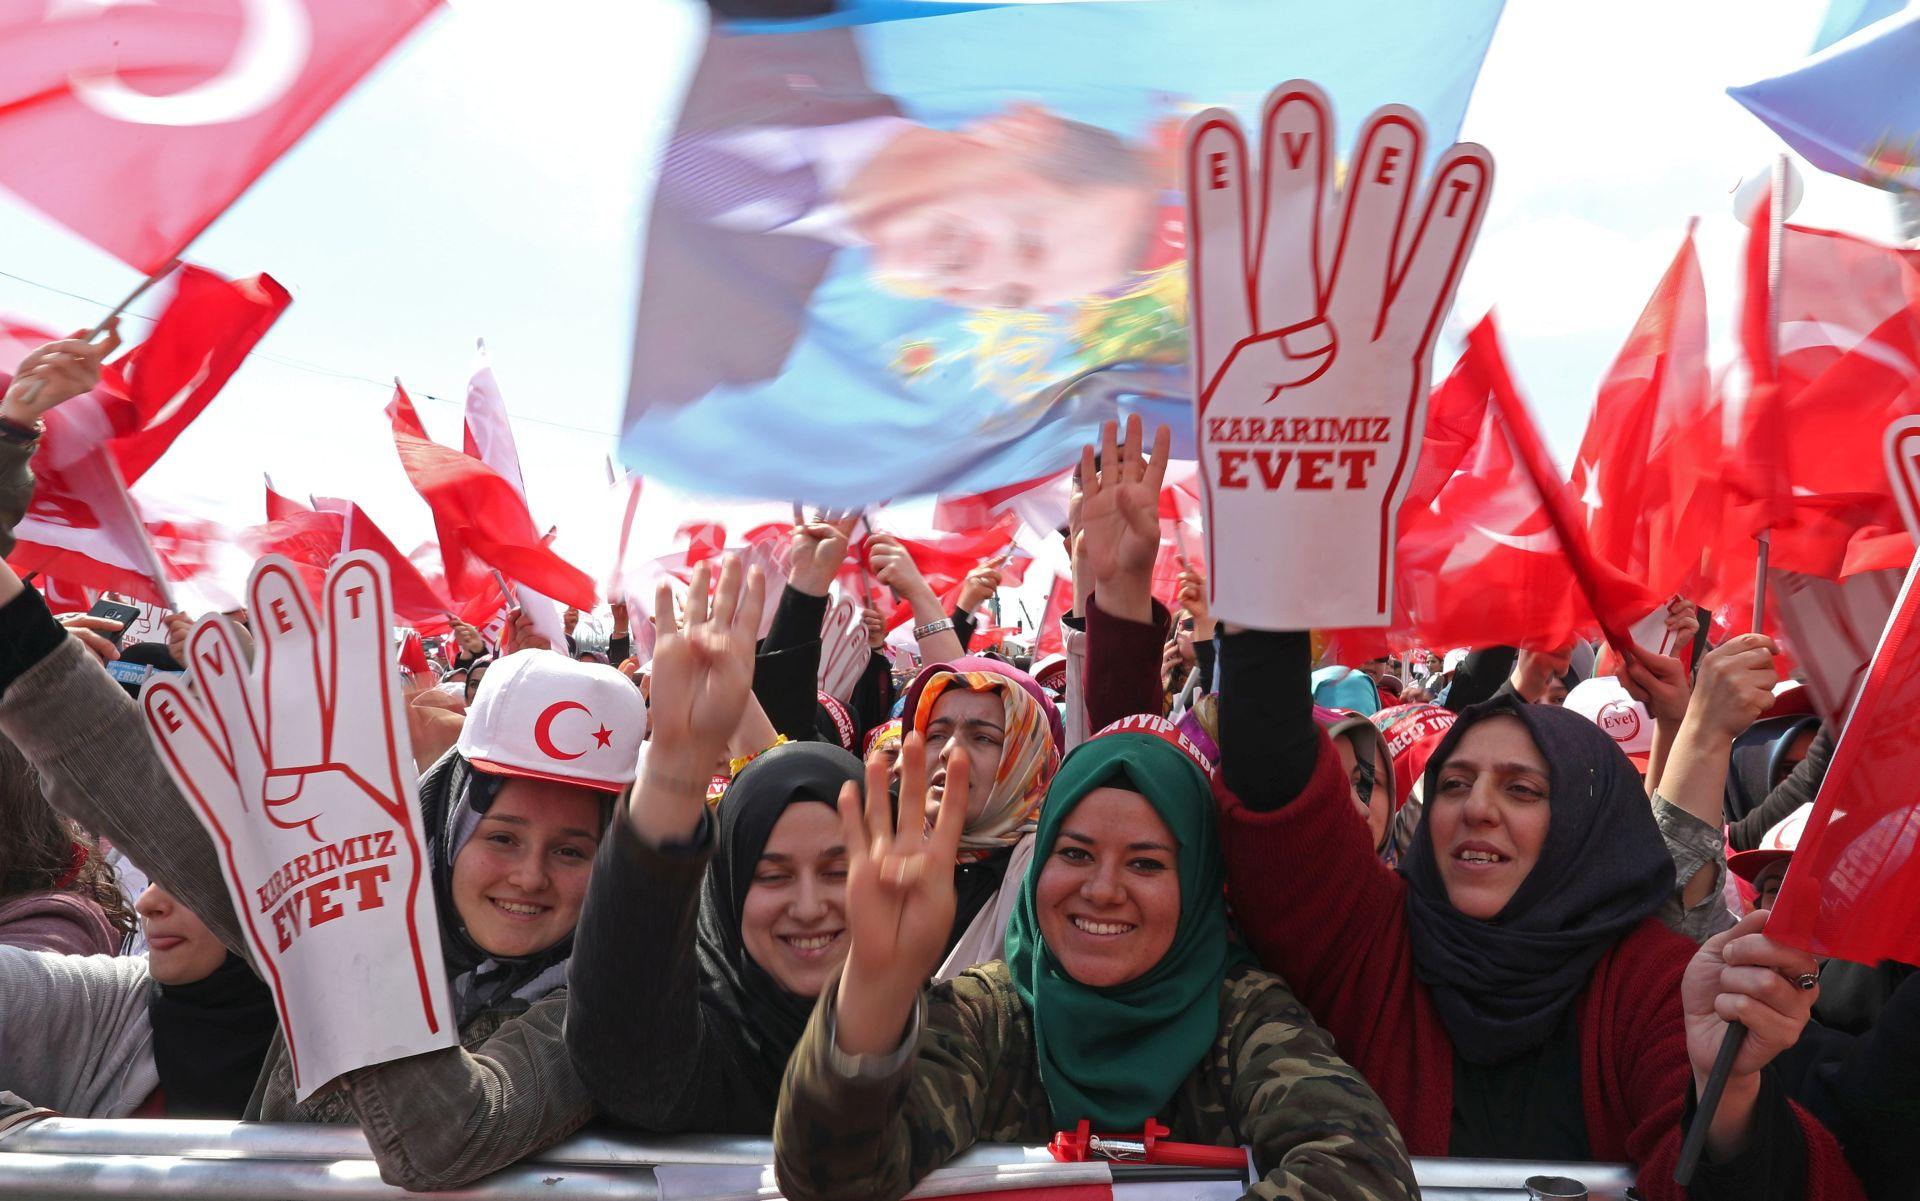 REZULTAT NEIZVJESTAN Turci u nedjelju odlučuju o Erdoganovim ovlastima